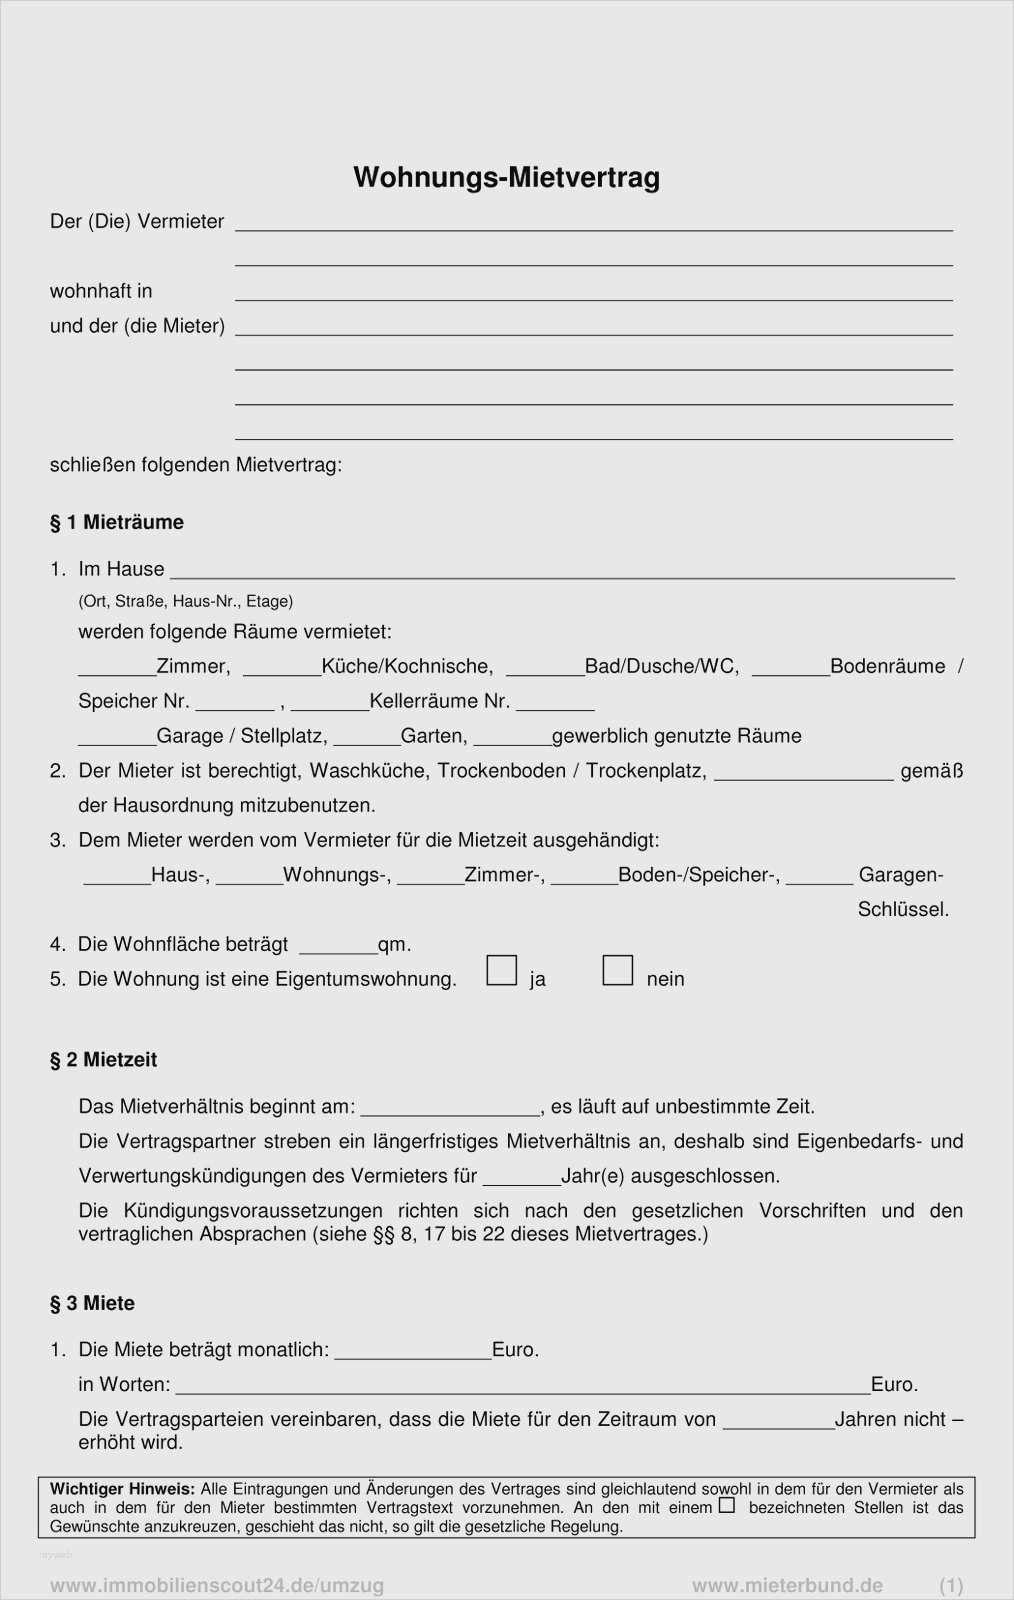 Wunderbar Neu De Kundigen Vorlage Abbildung In 2020 Vorlagen Lebenslauf Vorlagen Word Vorlagen Word